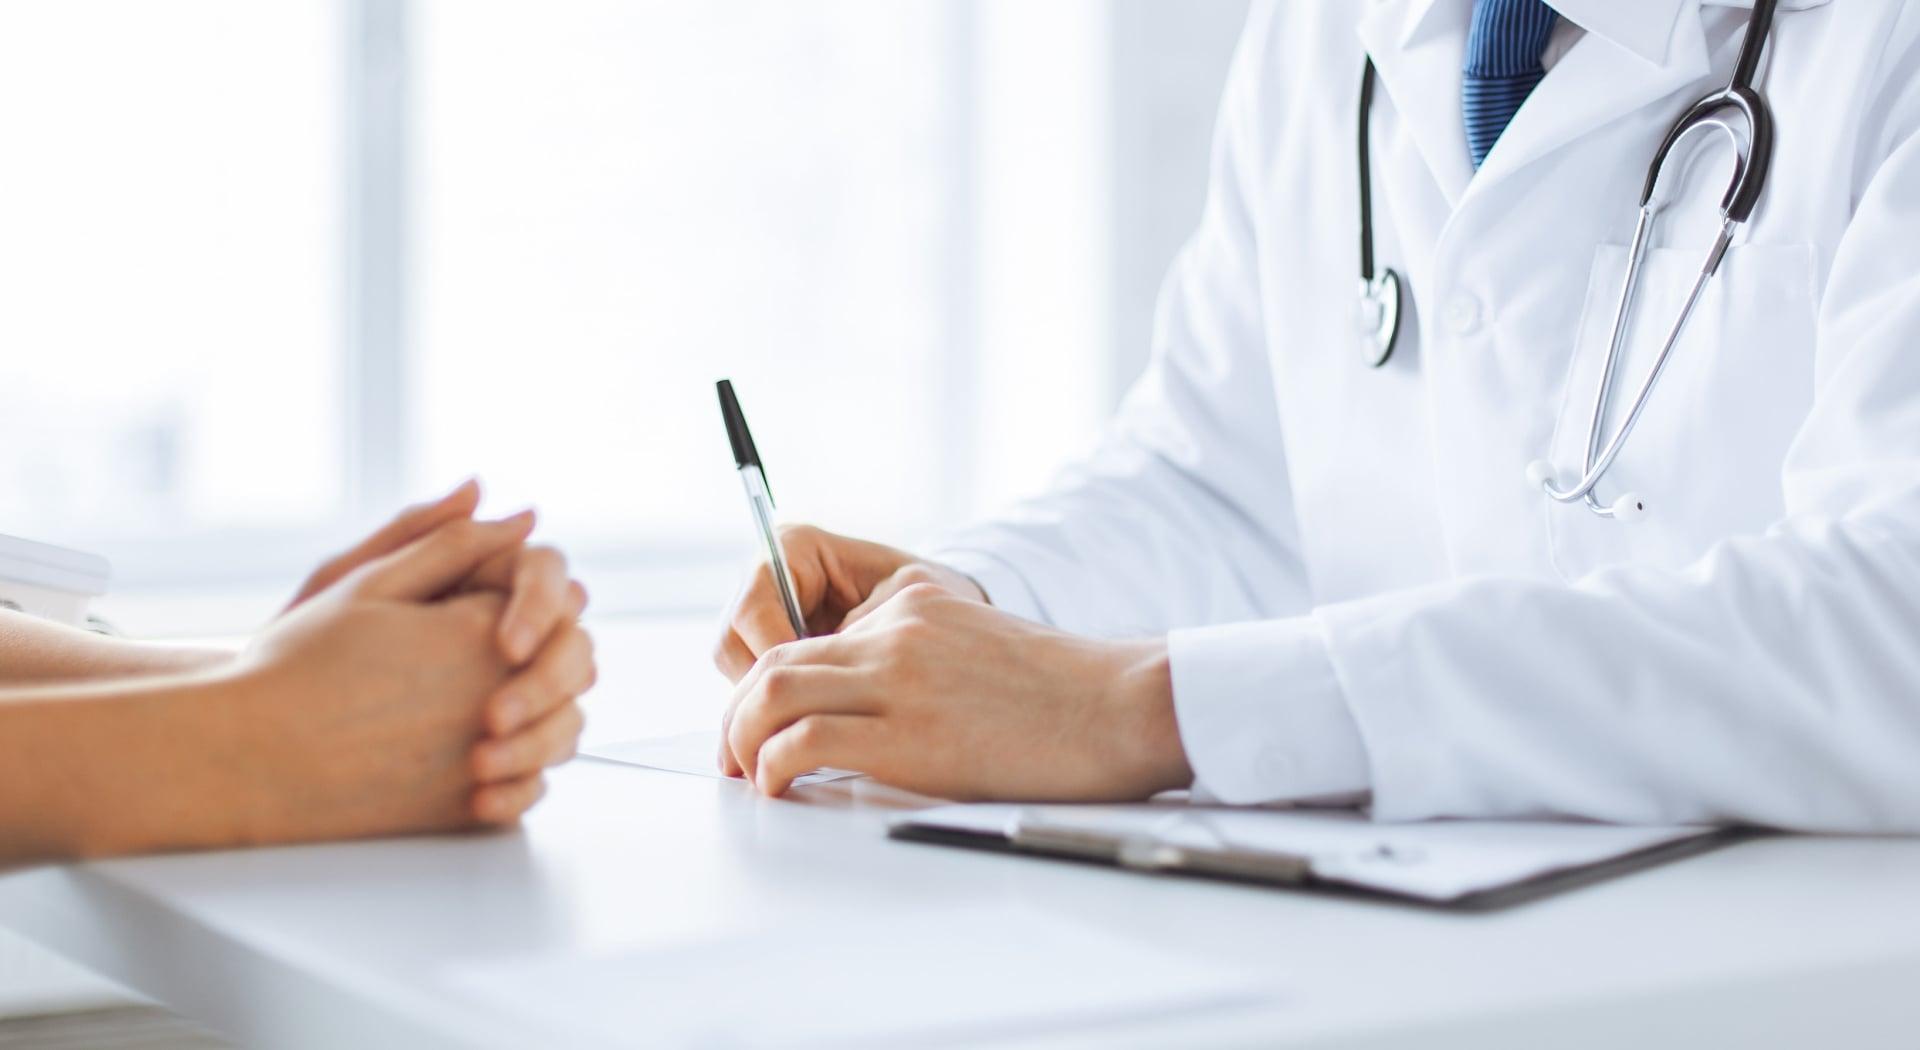 Yrkessykdommer og yrkesskader kan unngår ved riktig rapportering.